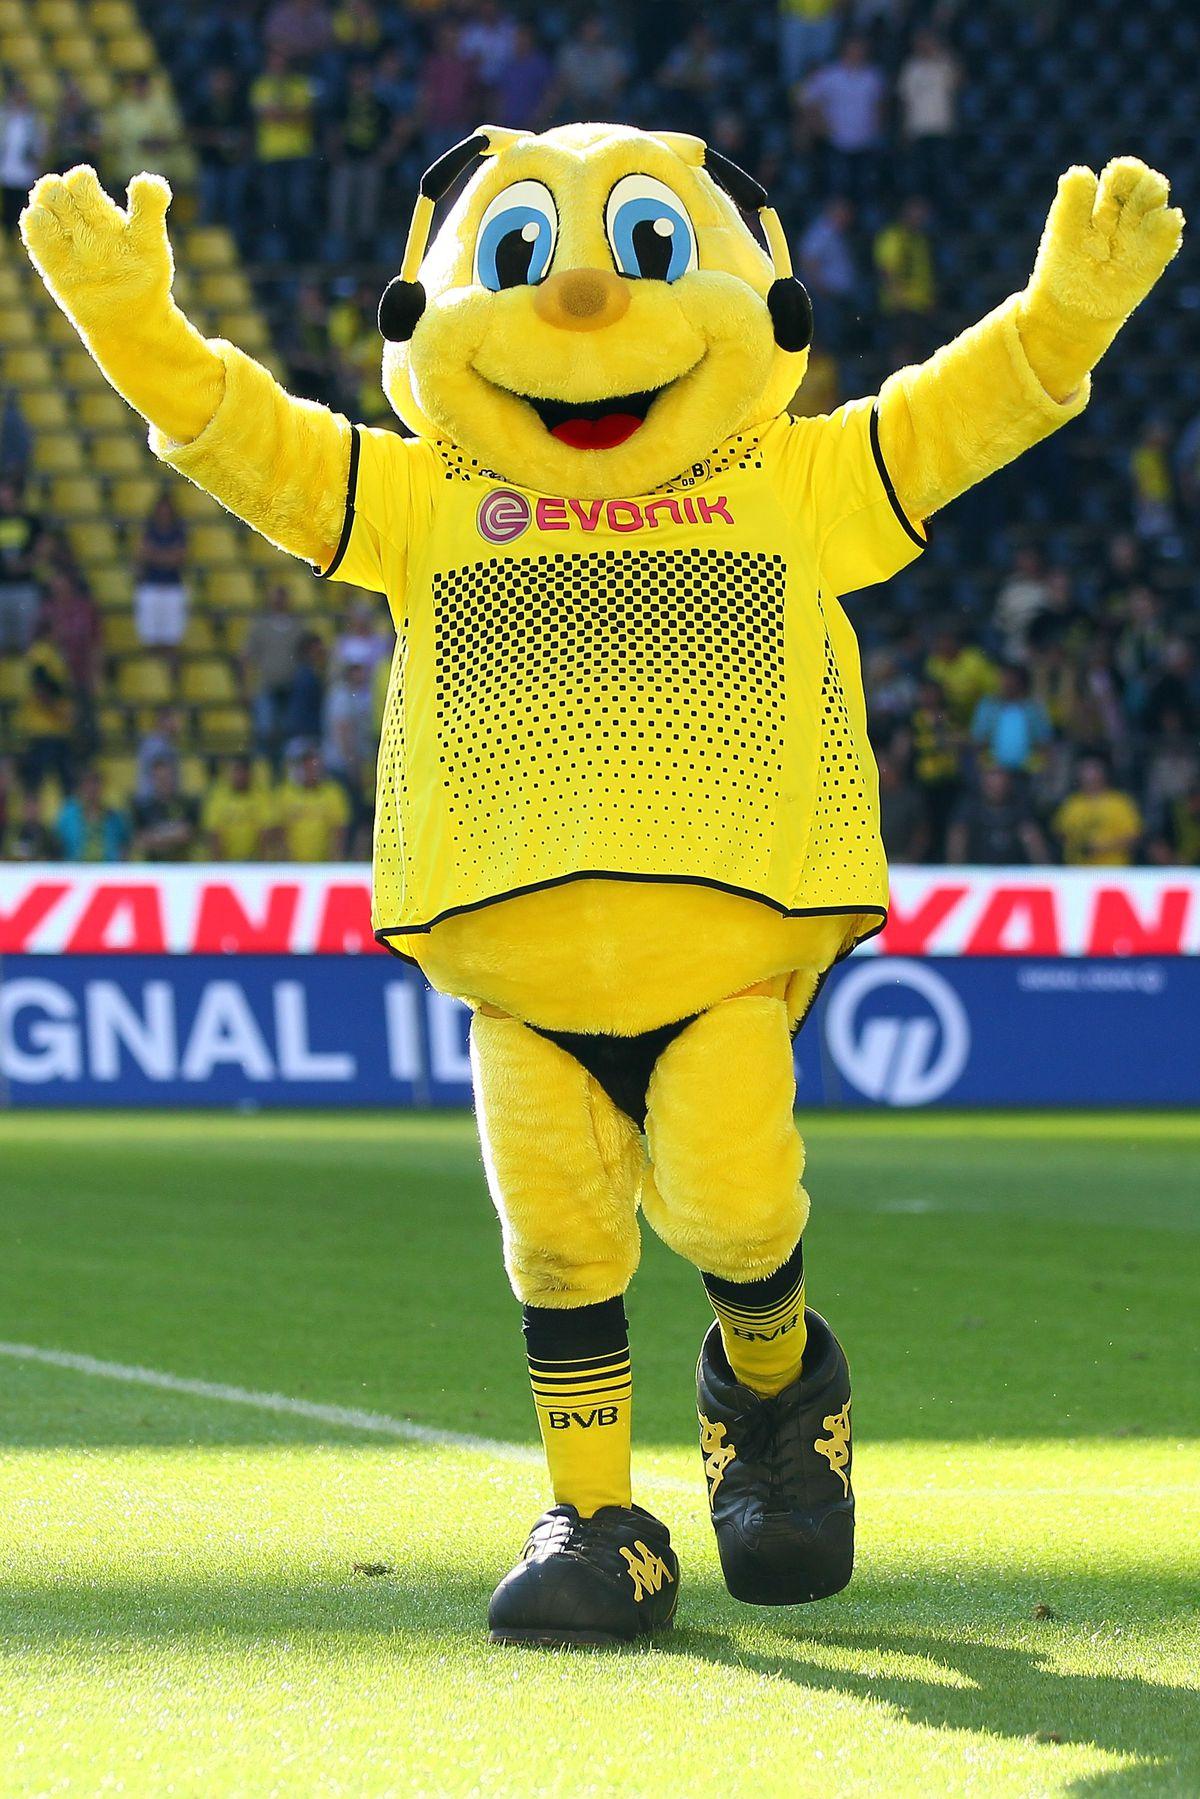 Stuttgart S Fritzle Voted Best Bundesliga Mascot In Sport1 Poll Bavarian Football Works